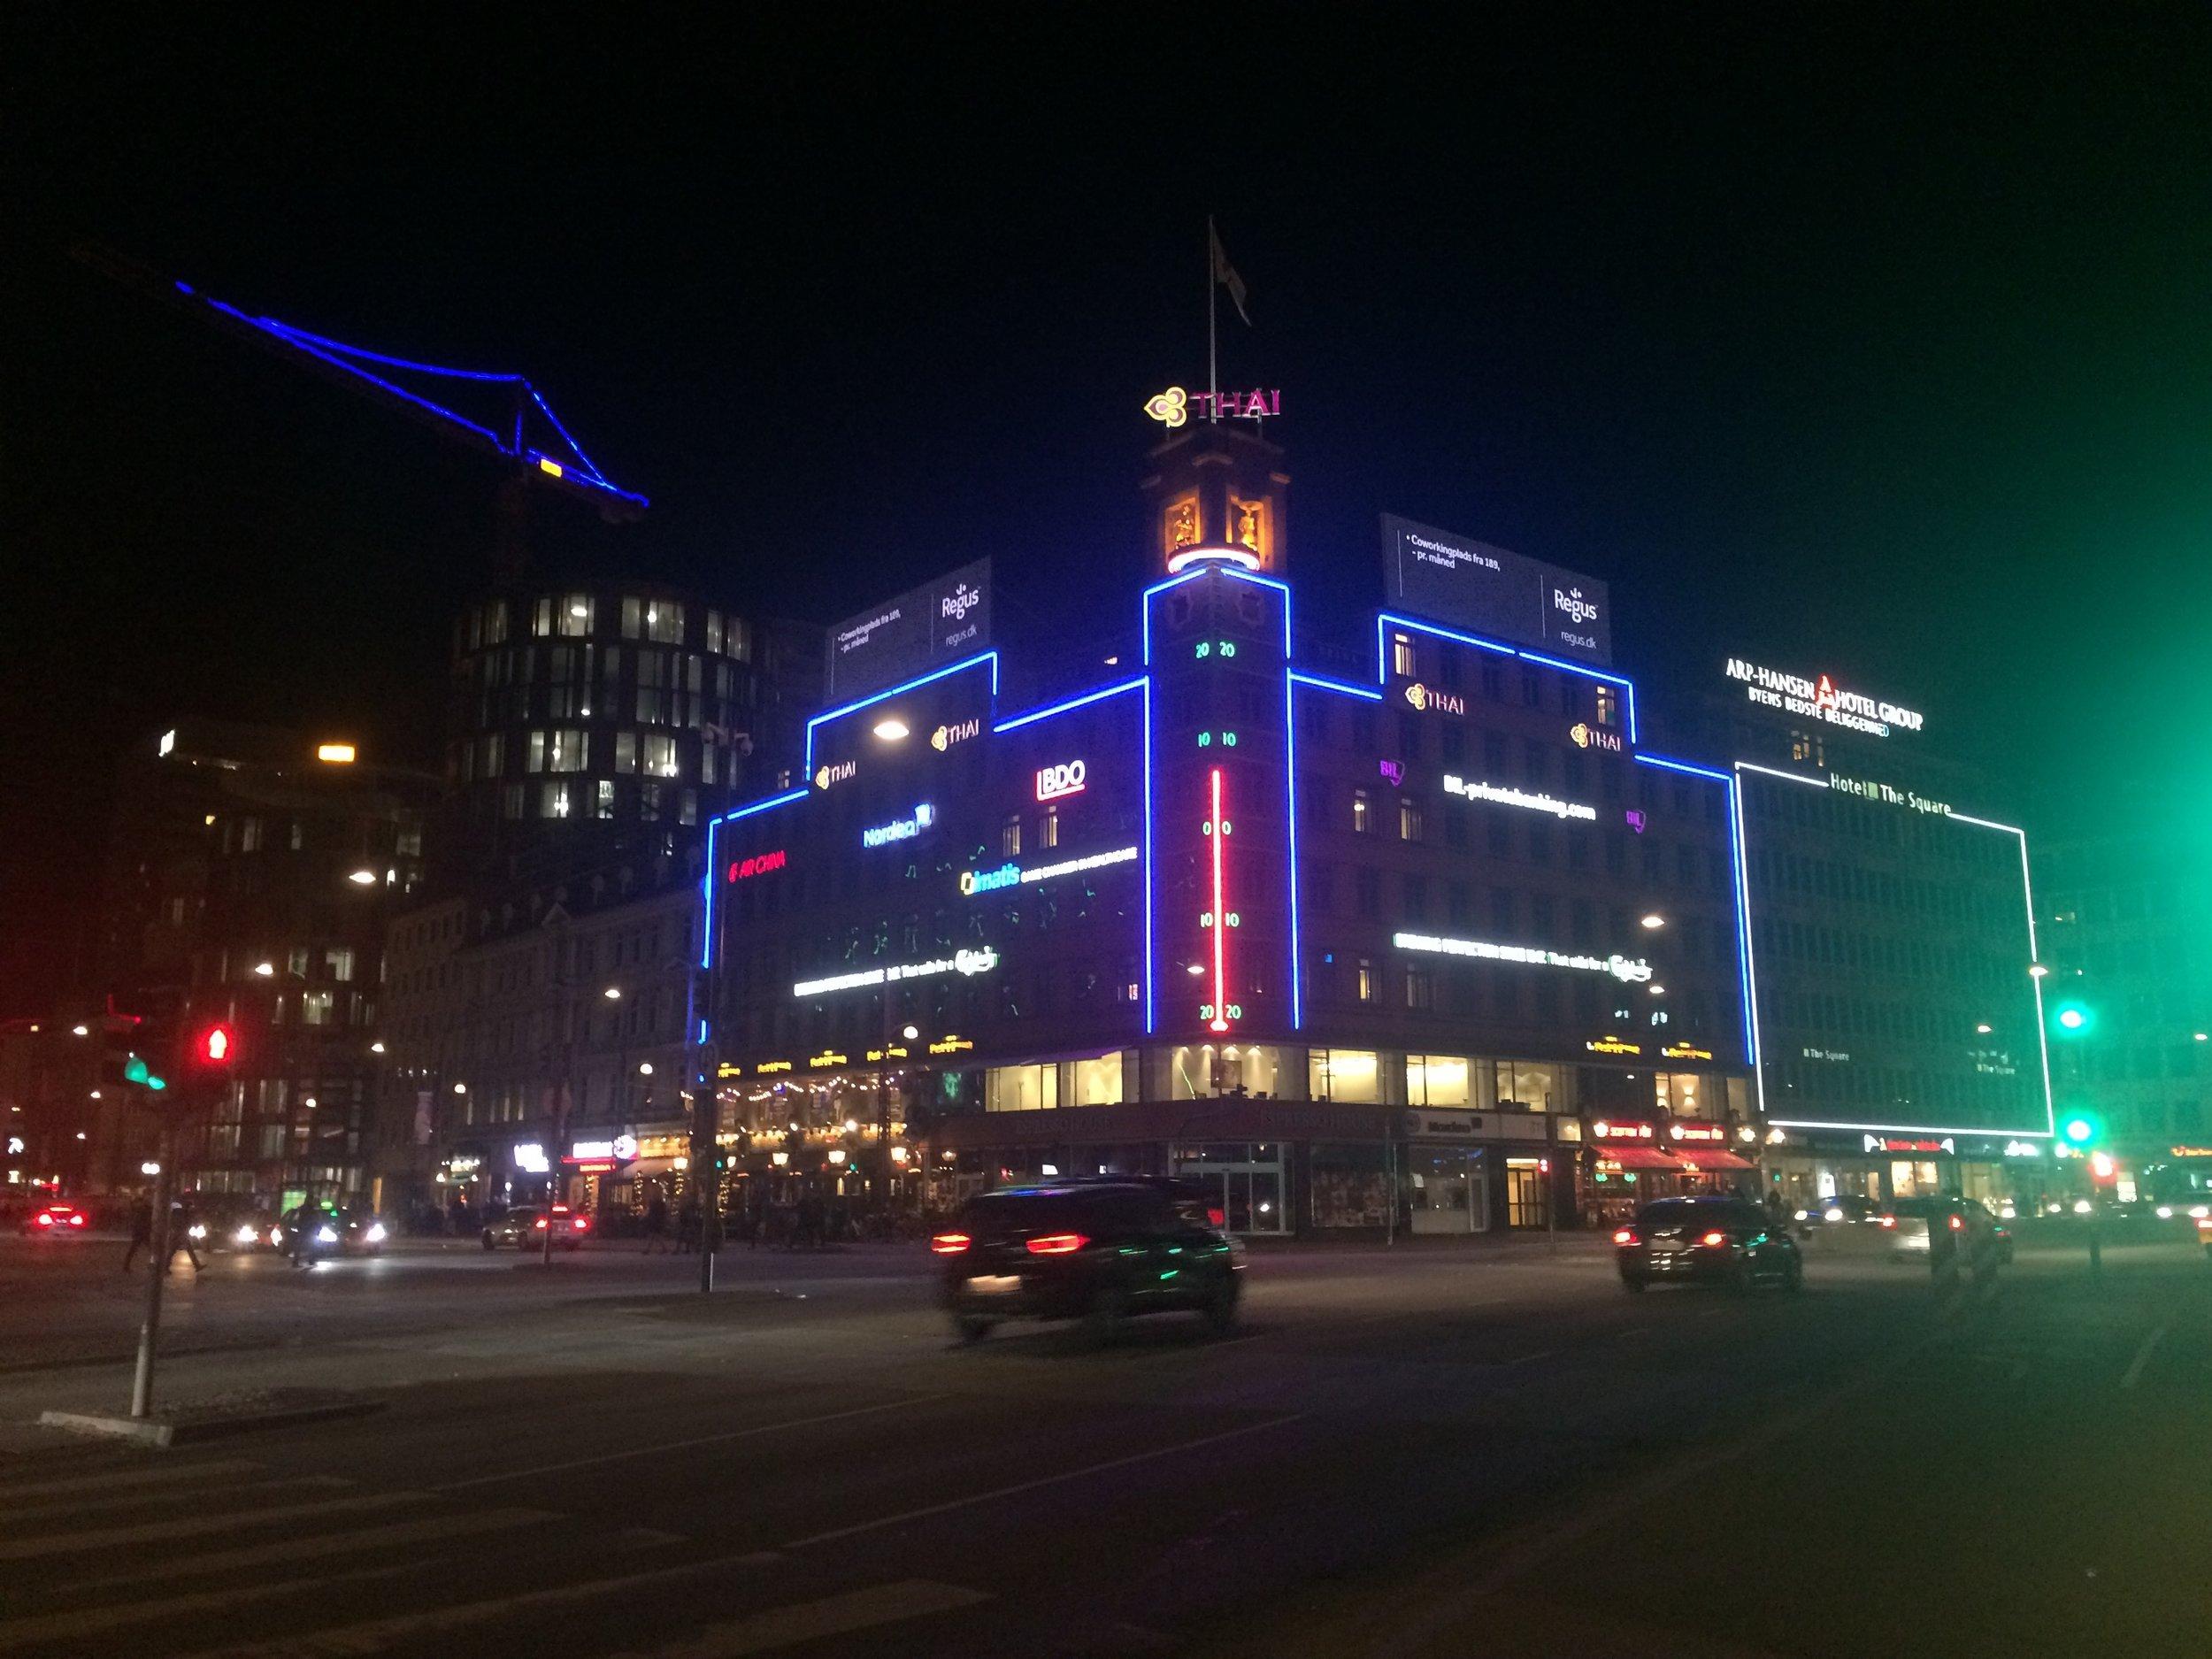 Copenhagen city centre at night.